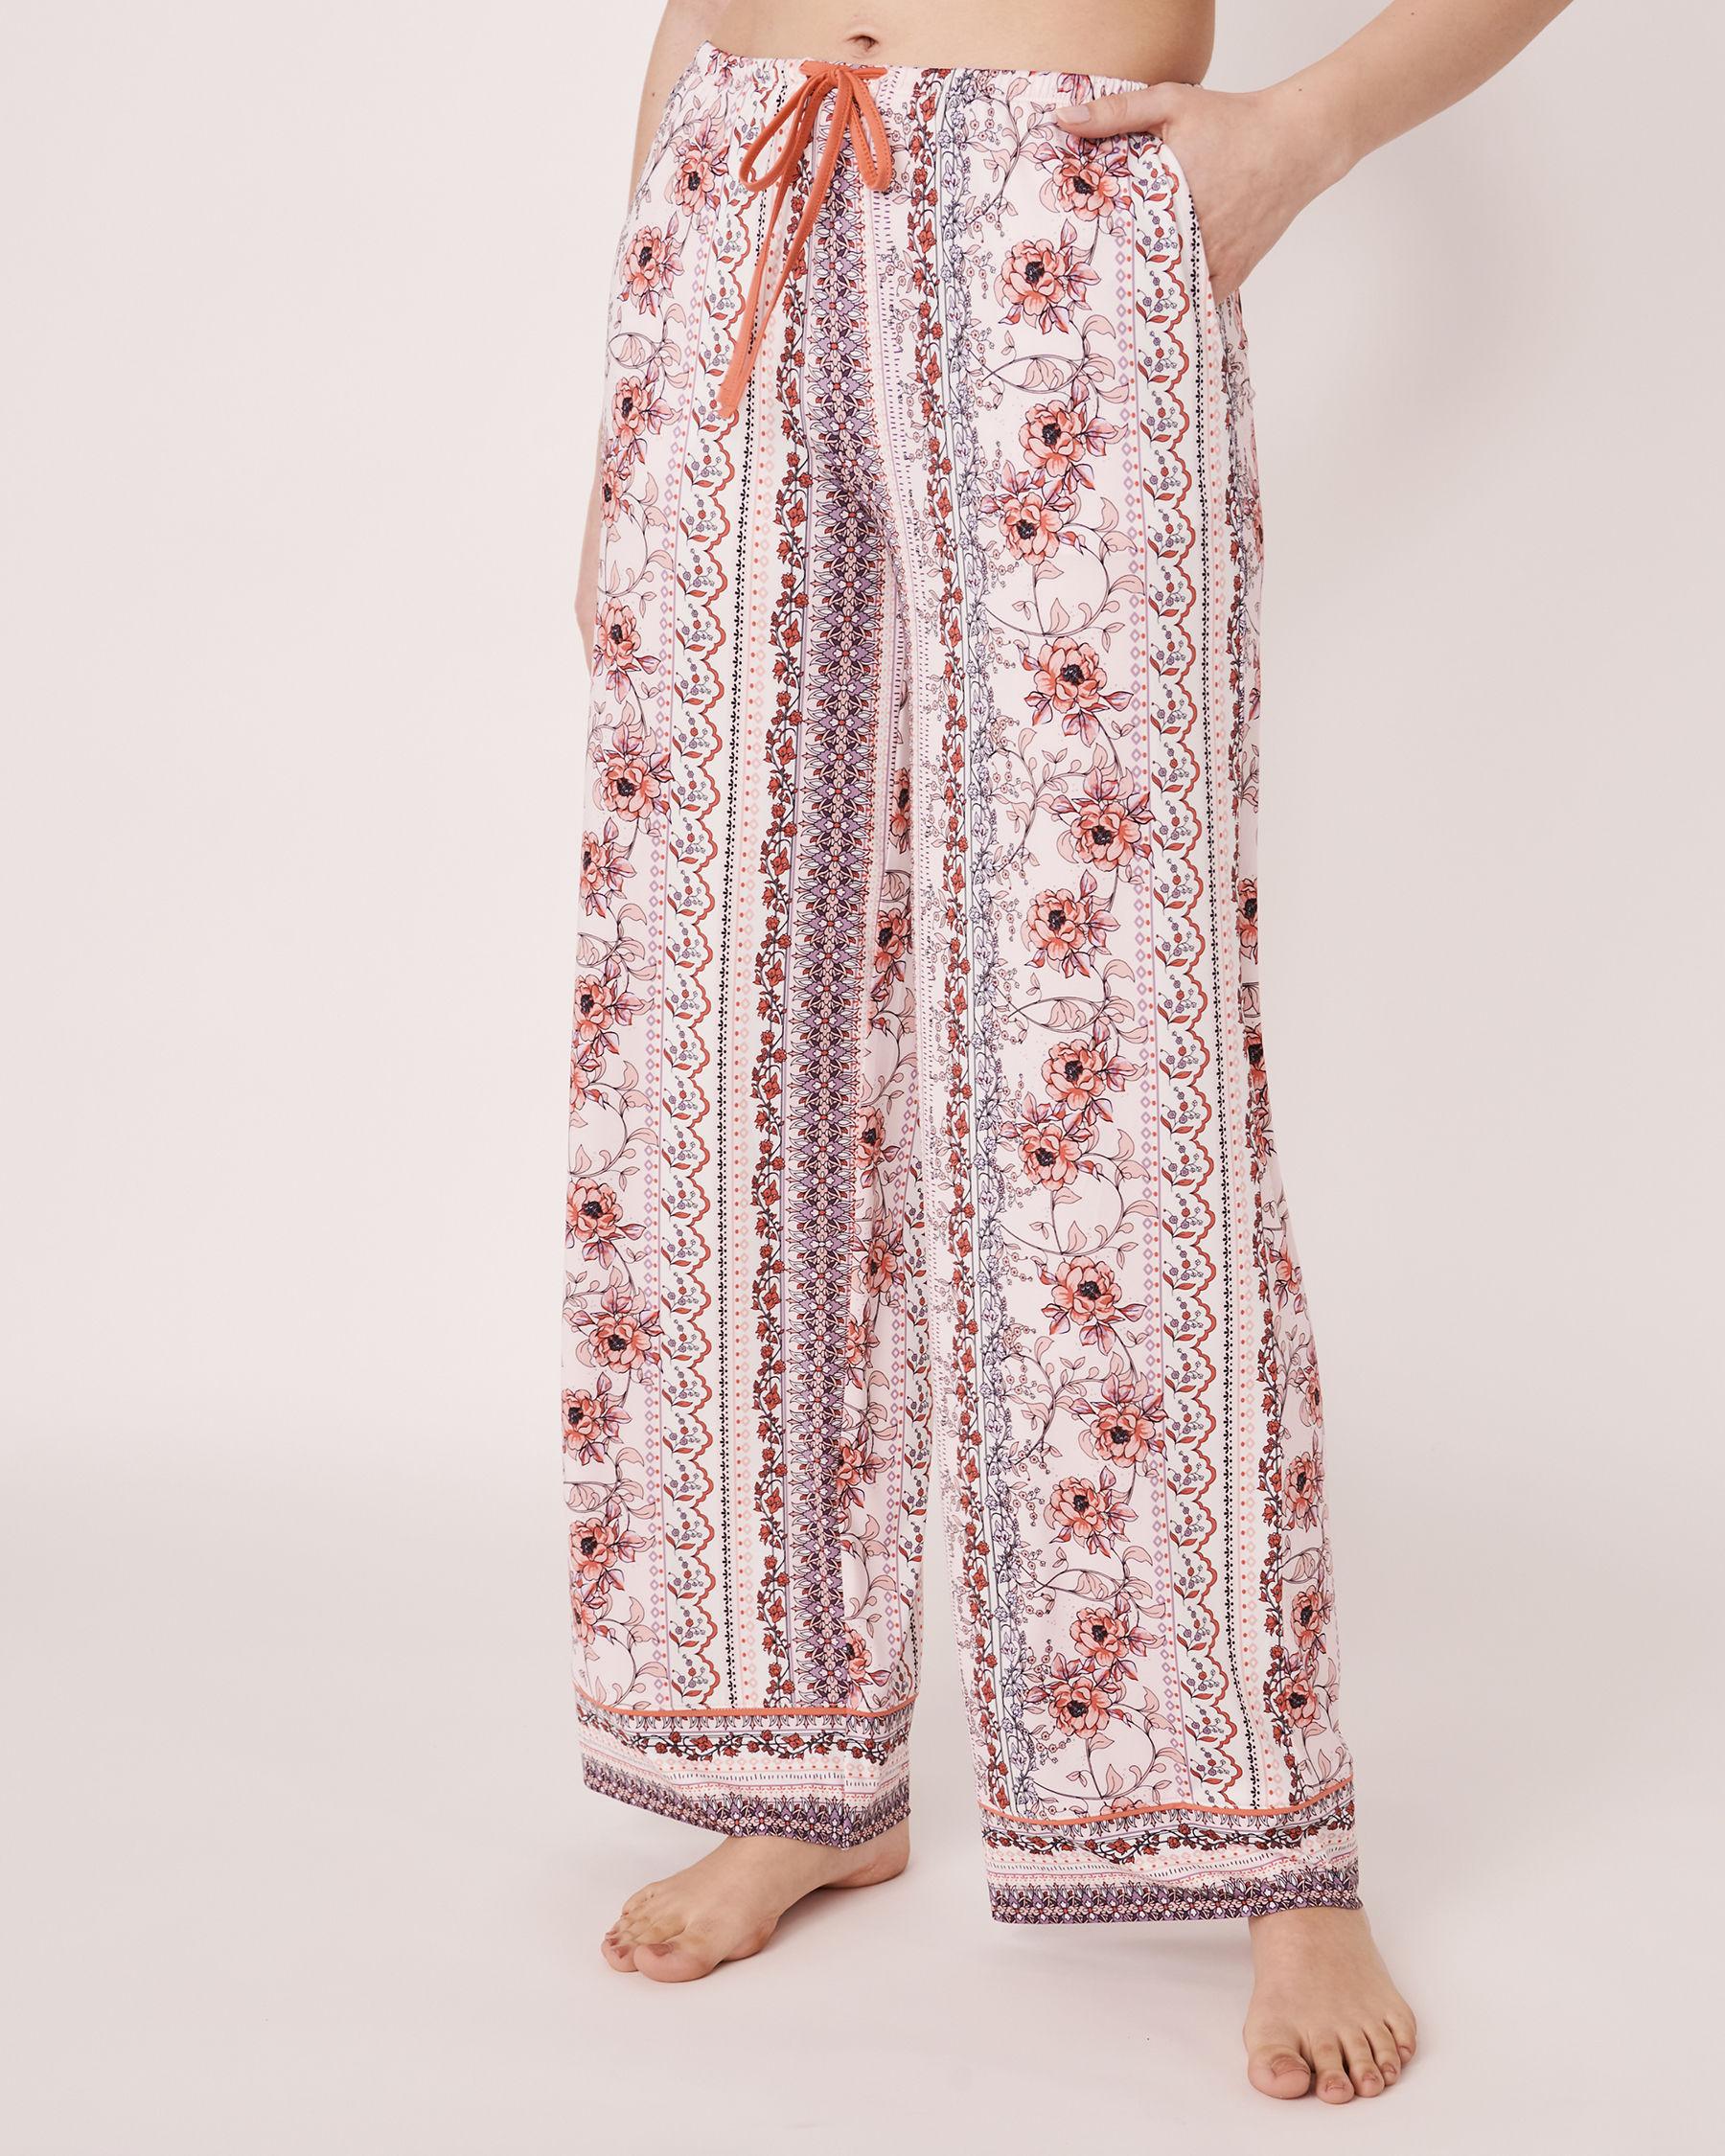 LA VIE EN ROSE Recycled Fibers Wide Leg Pant Vertical flower print 40200060 - View1